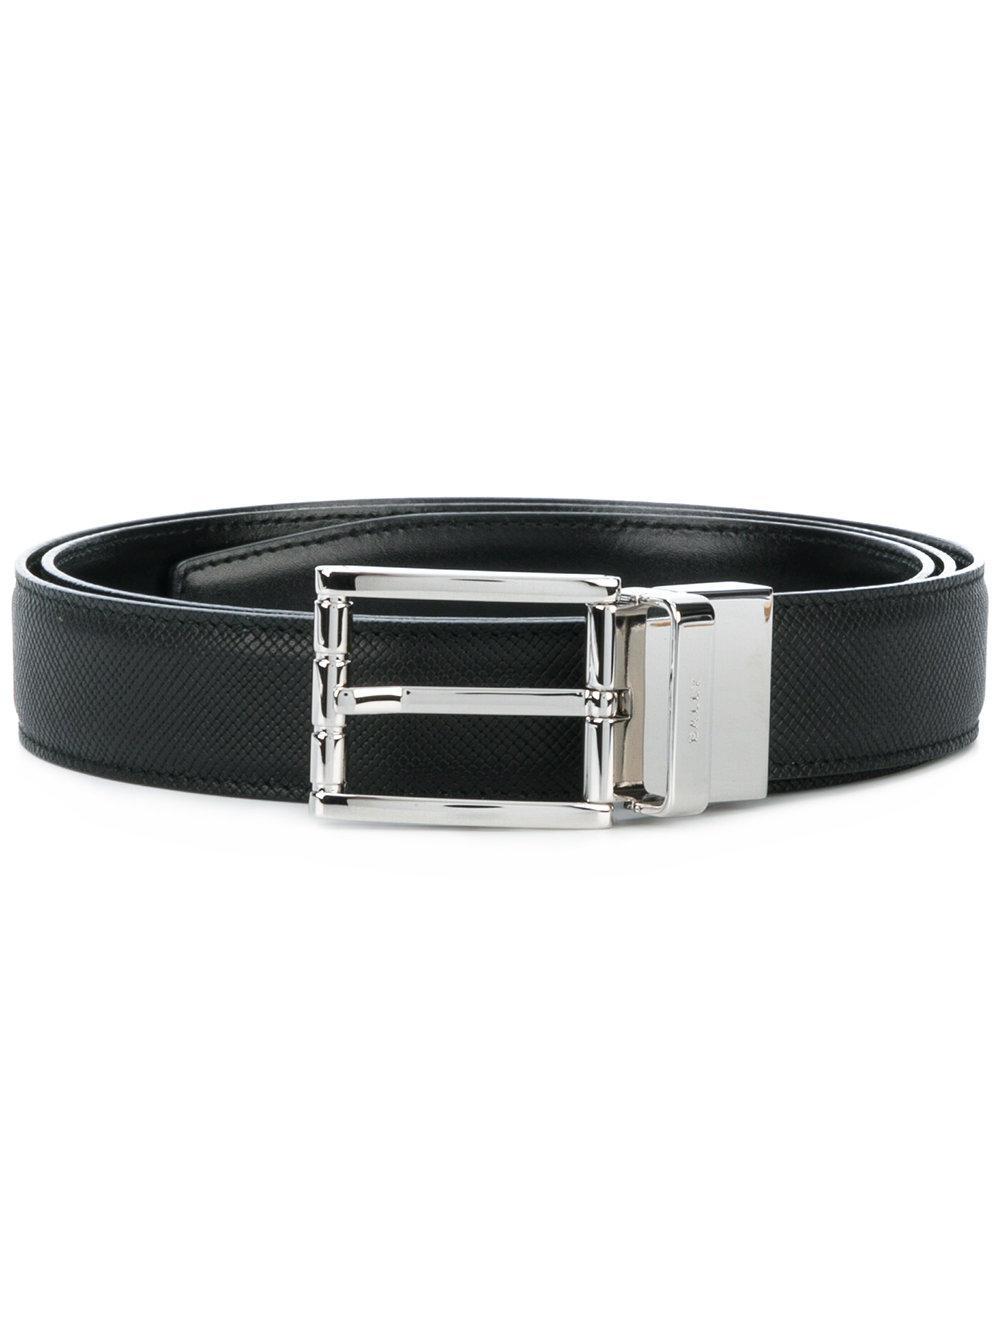 Bally Astor Reversible Belt - Black